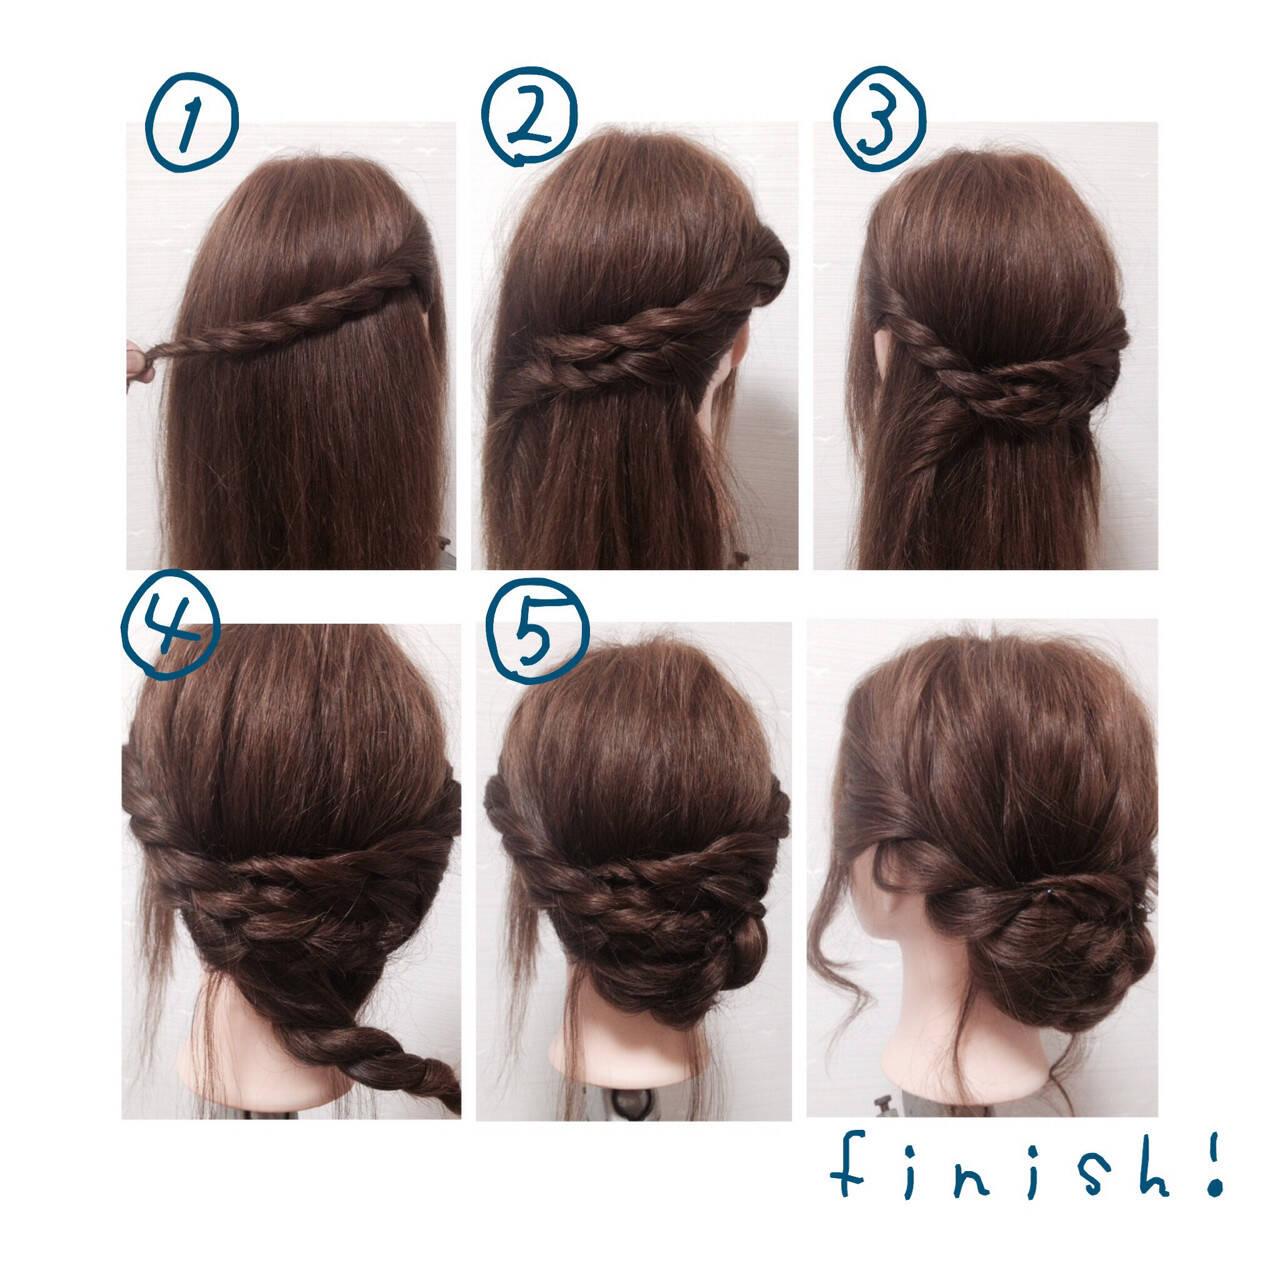 ショート フェミニン ゆるふわ 簡単ヘアアレンジヘアスタイルや髪型の写真・画像